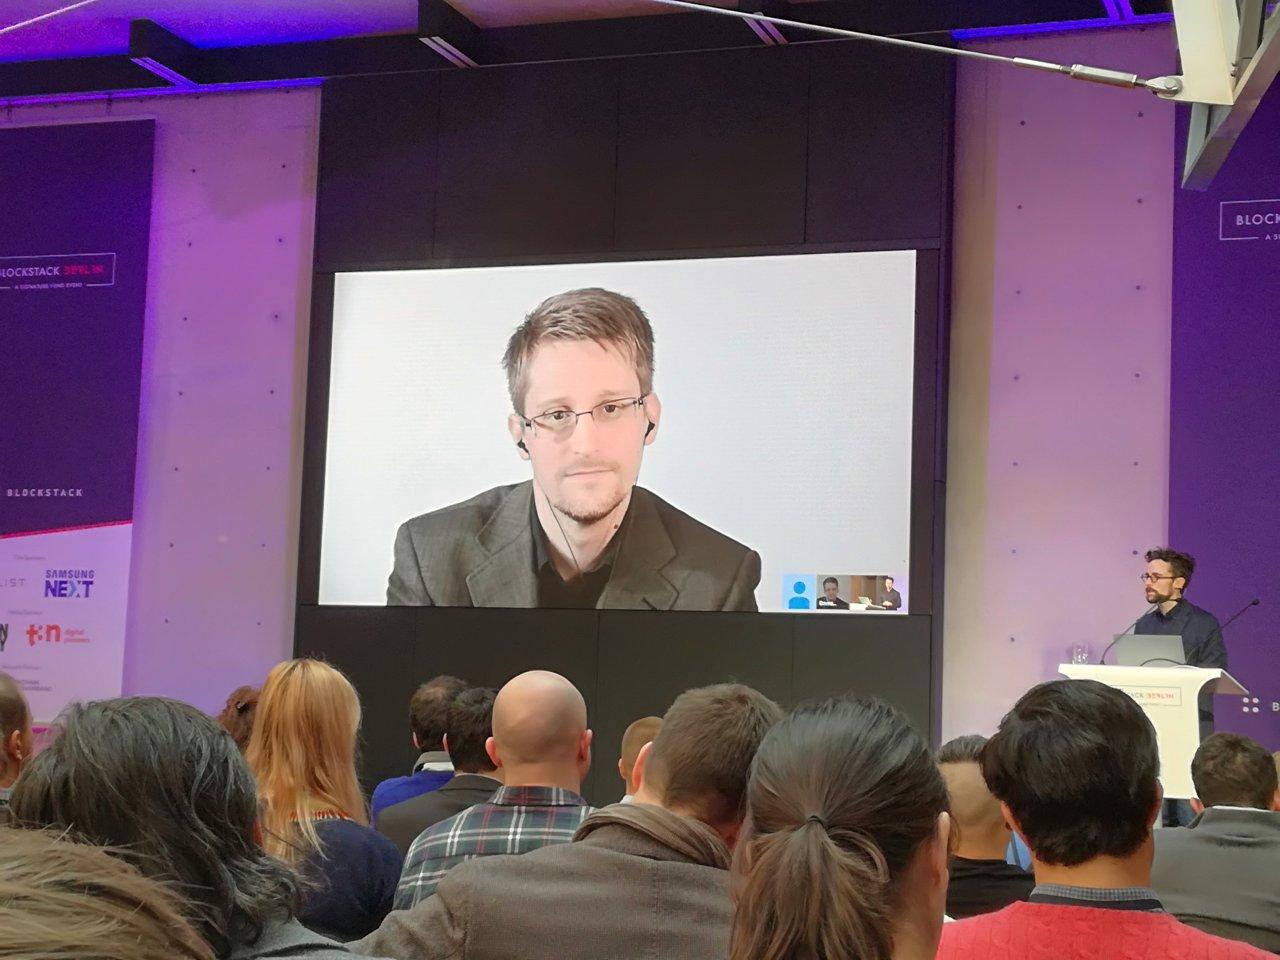 Peter Van Valkenburgh (rechts) interviewt Edward Snowden (links) via Video-Call.